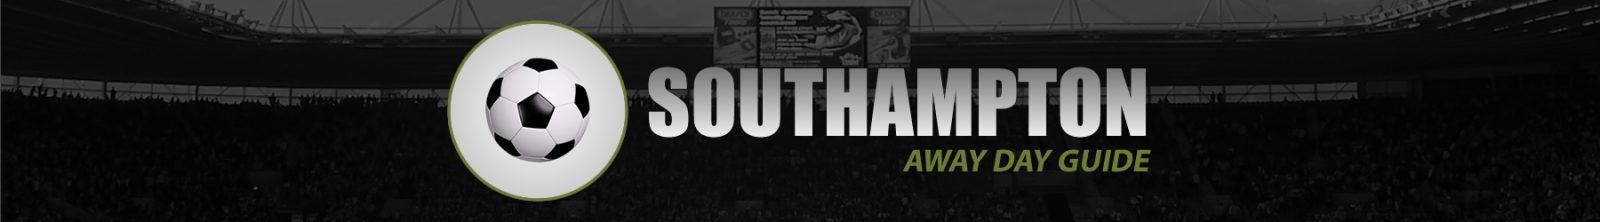 Southampton Away